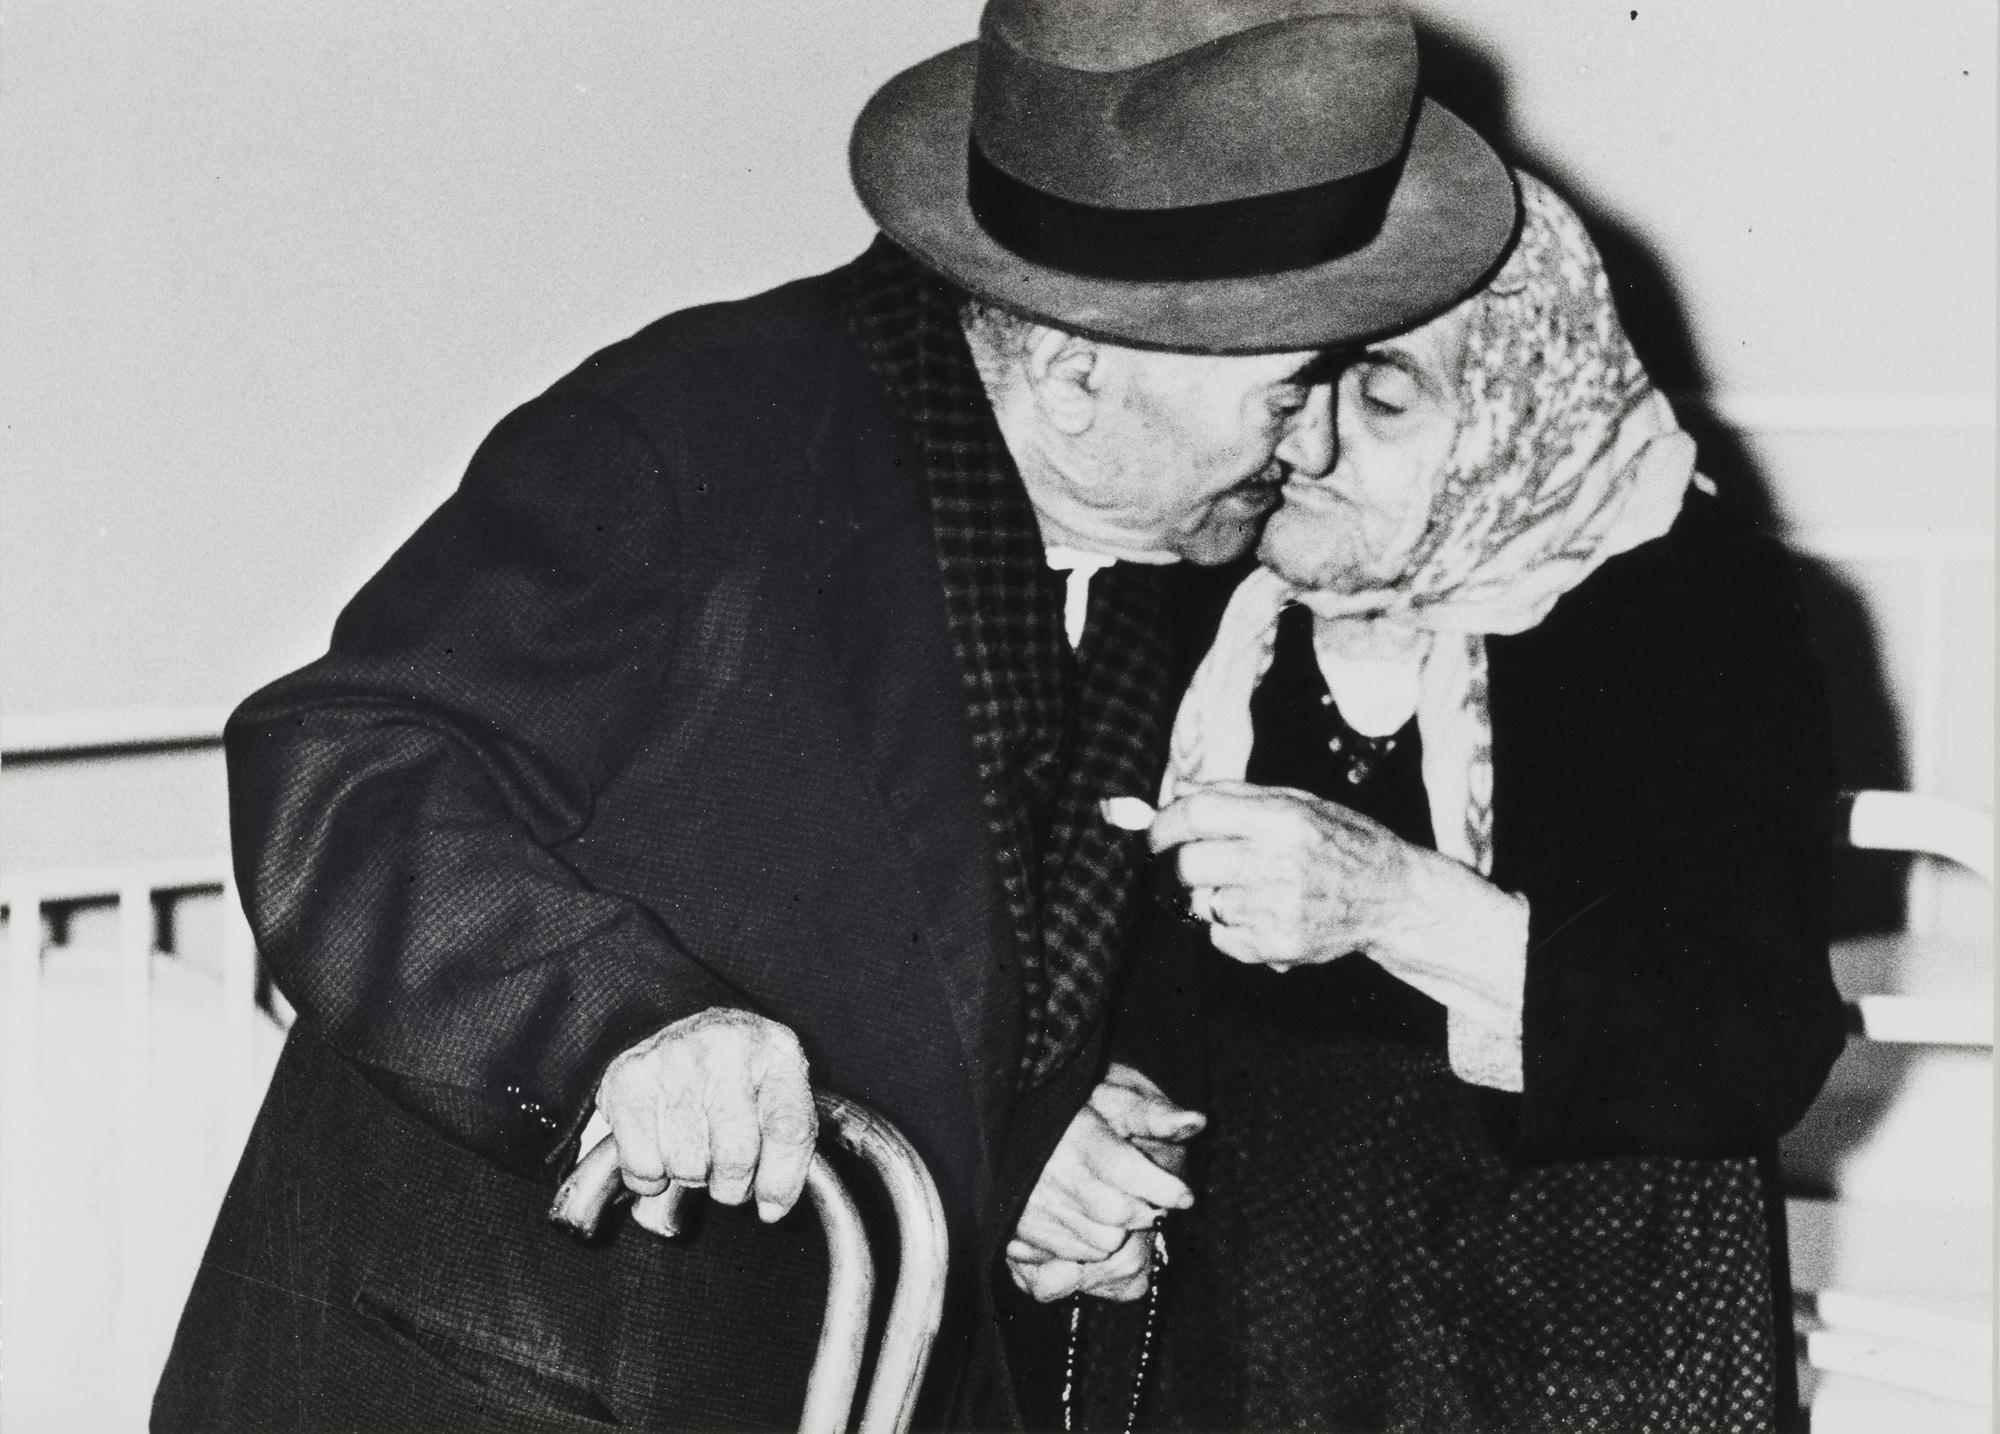 Verrà la morte e avrà i tuoi occhi, 1955/'57